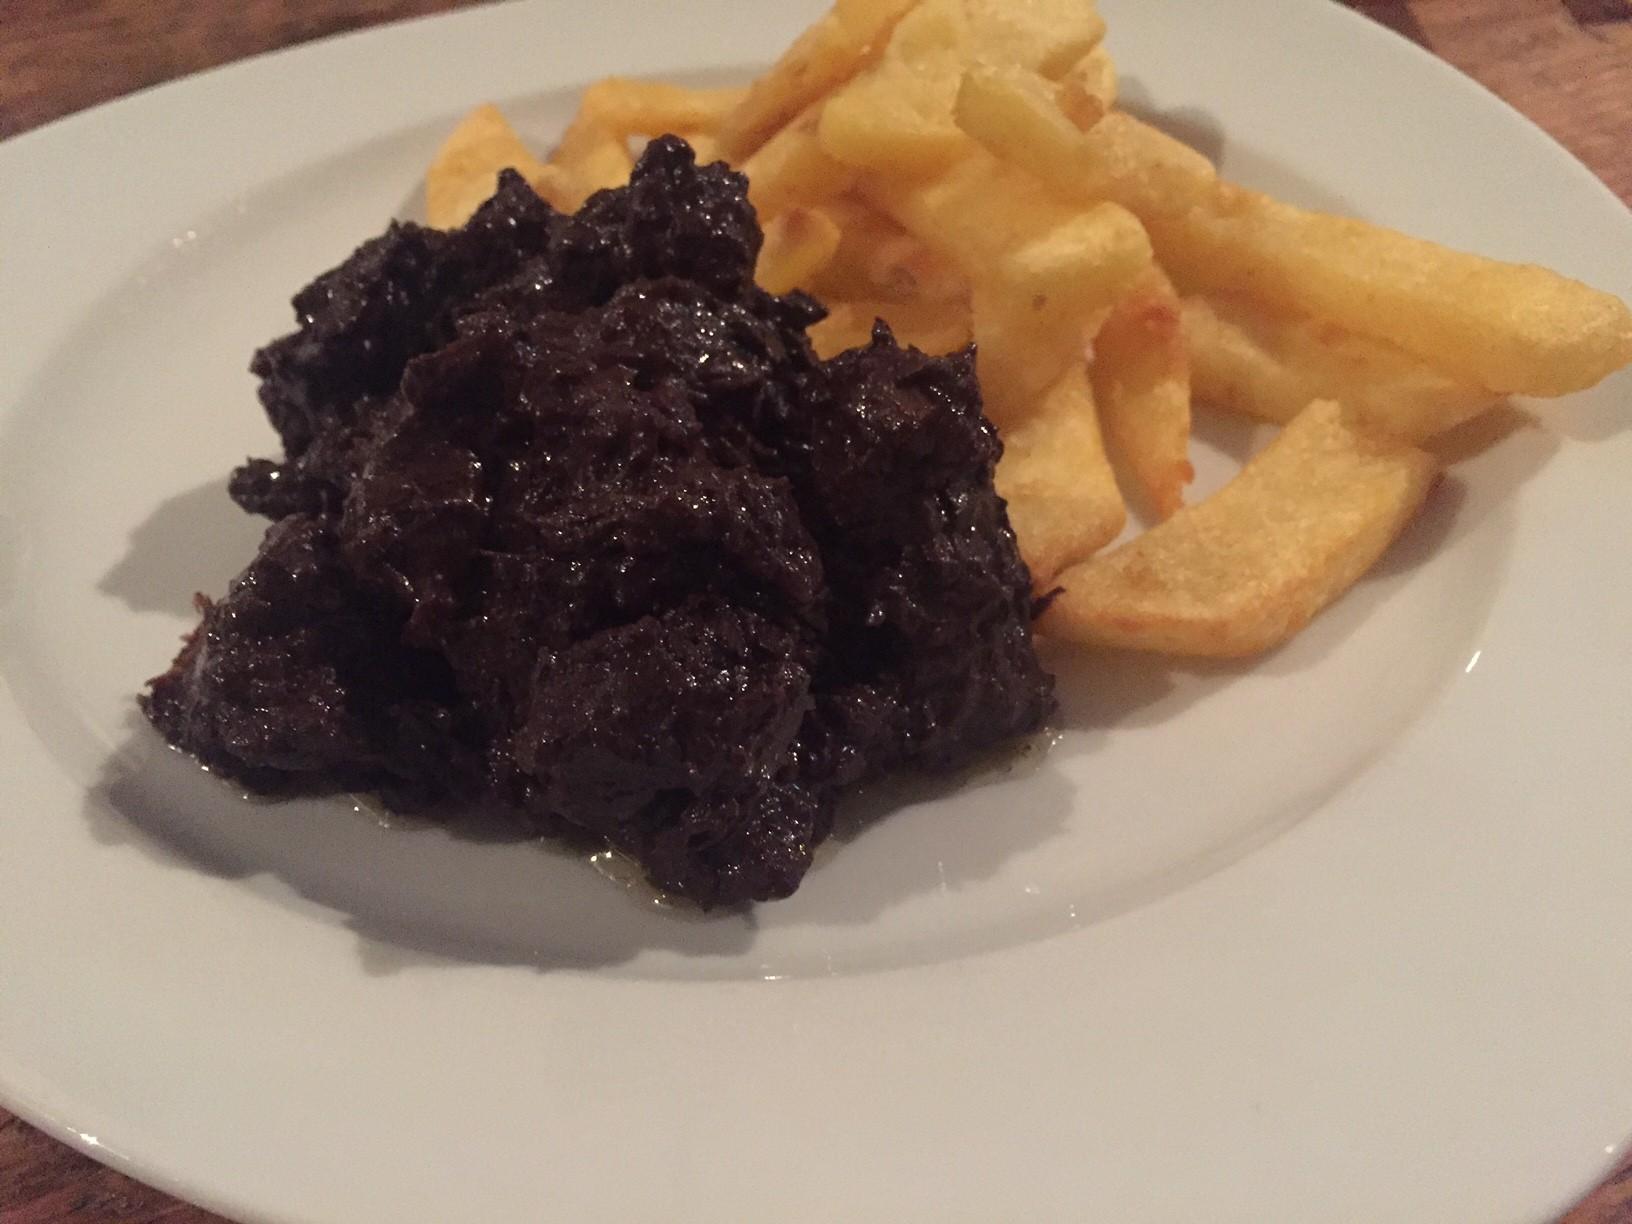 Stoofvlees met chocolade en brugse zot recept foodblog Foodinista